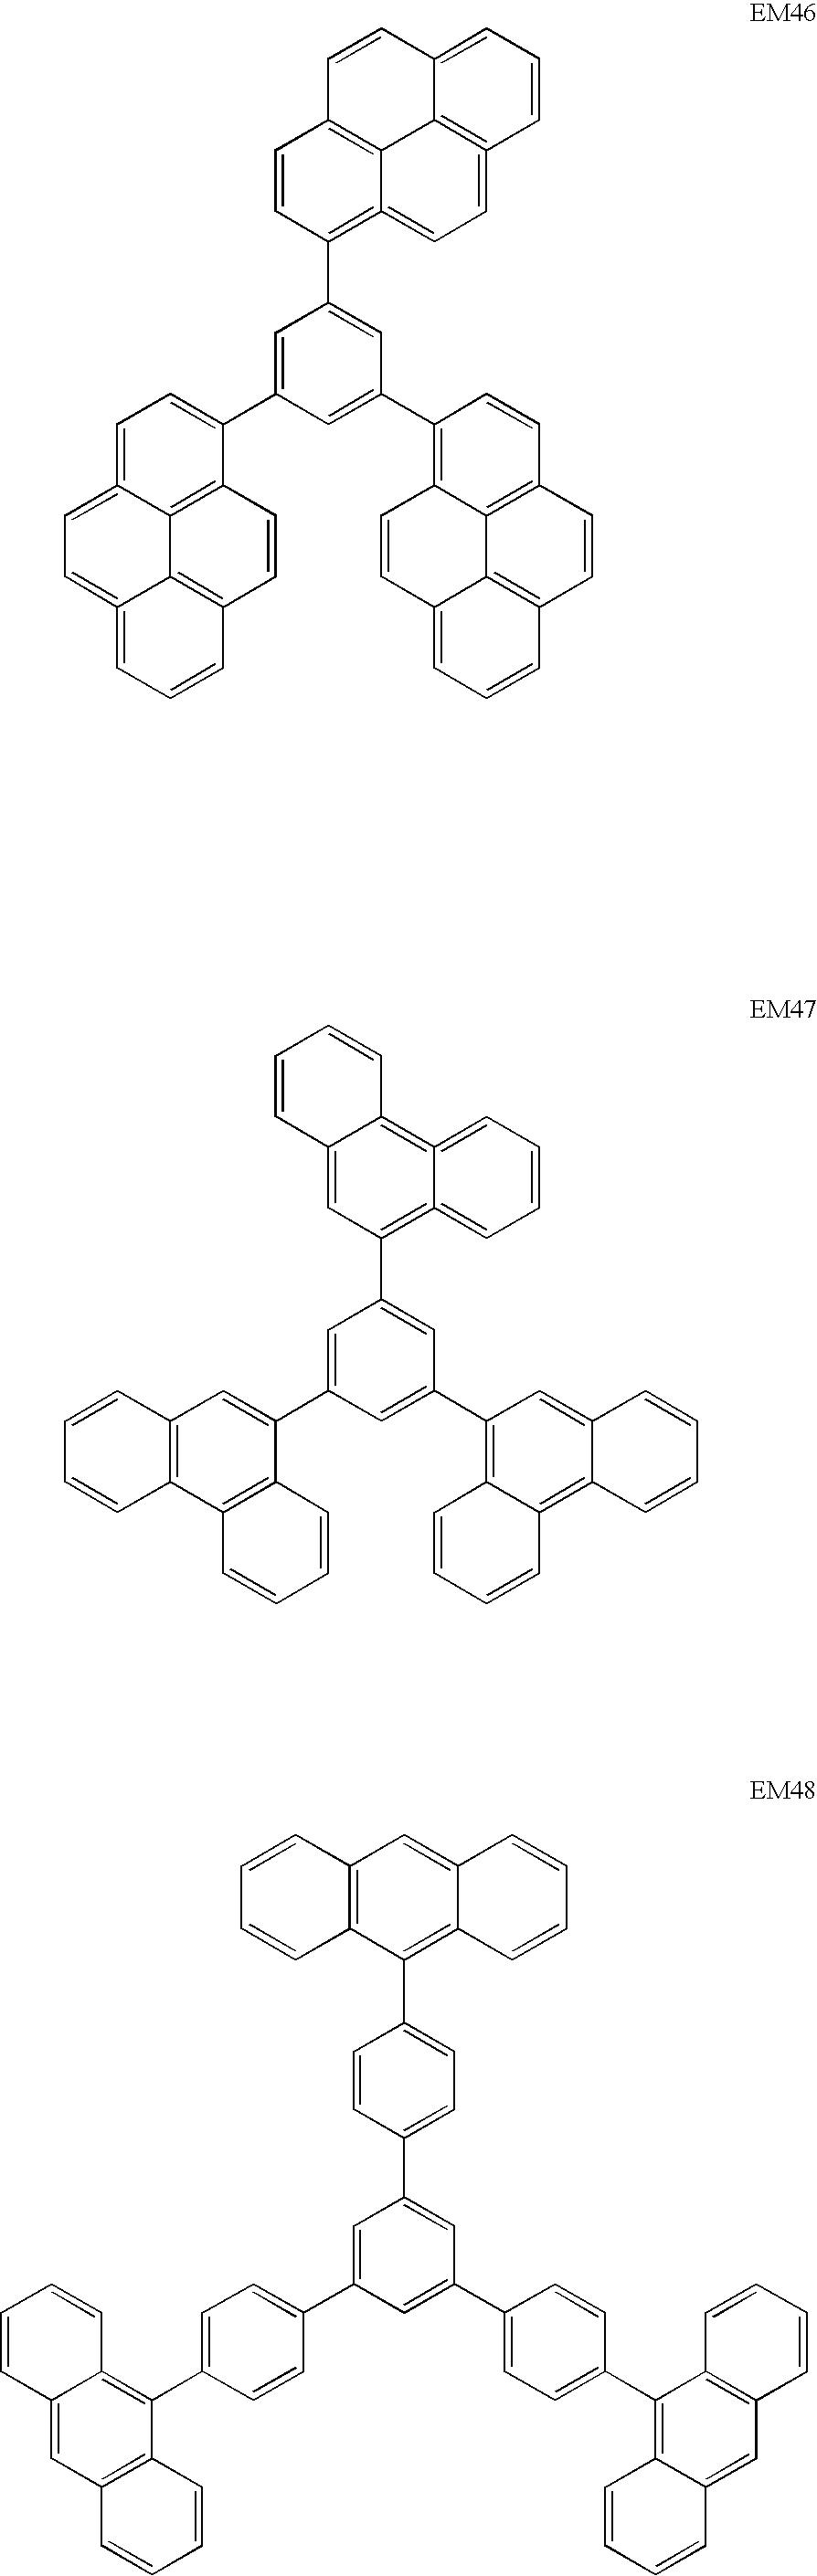 Figure US20060033421A1-20060216-C00022